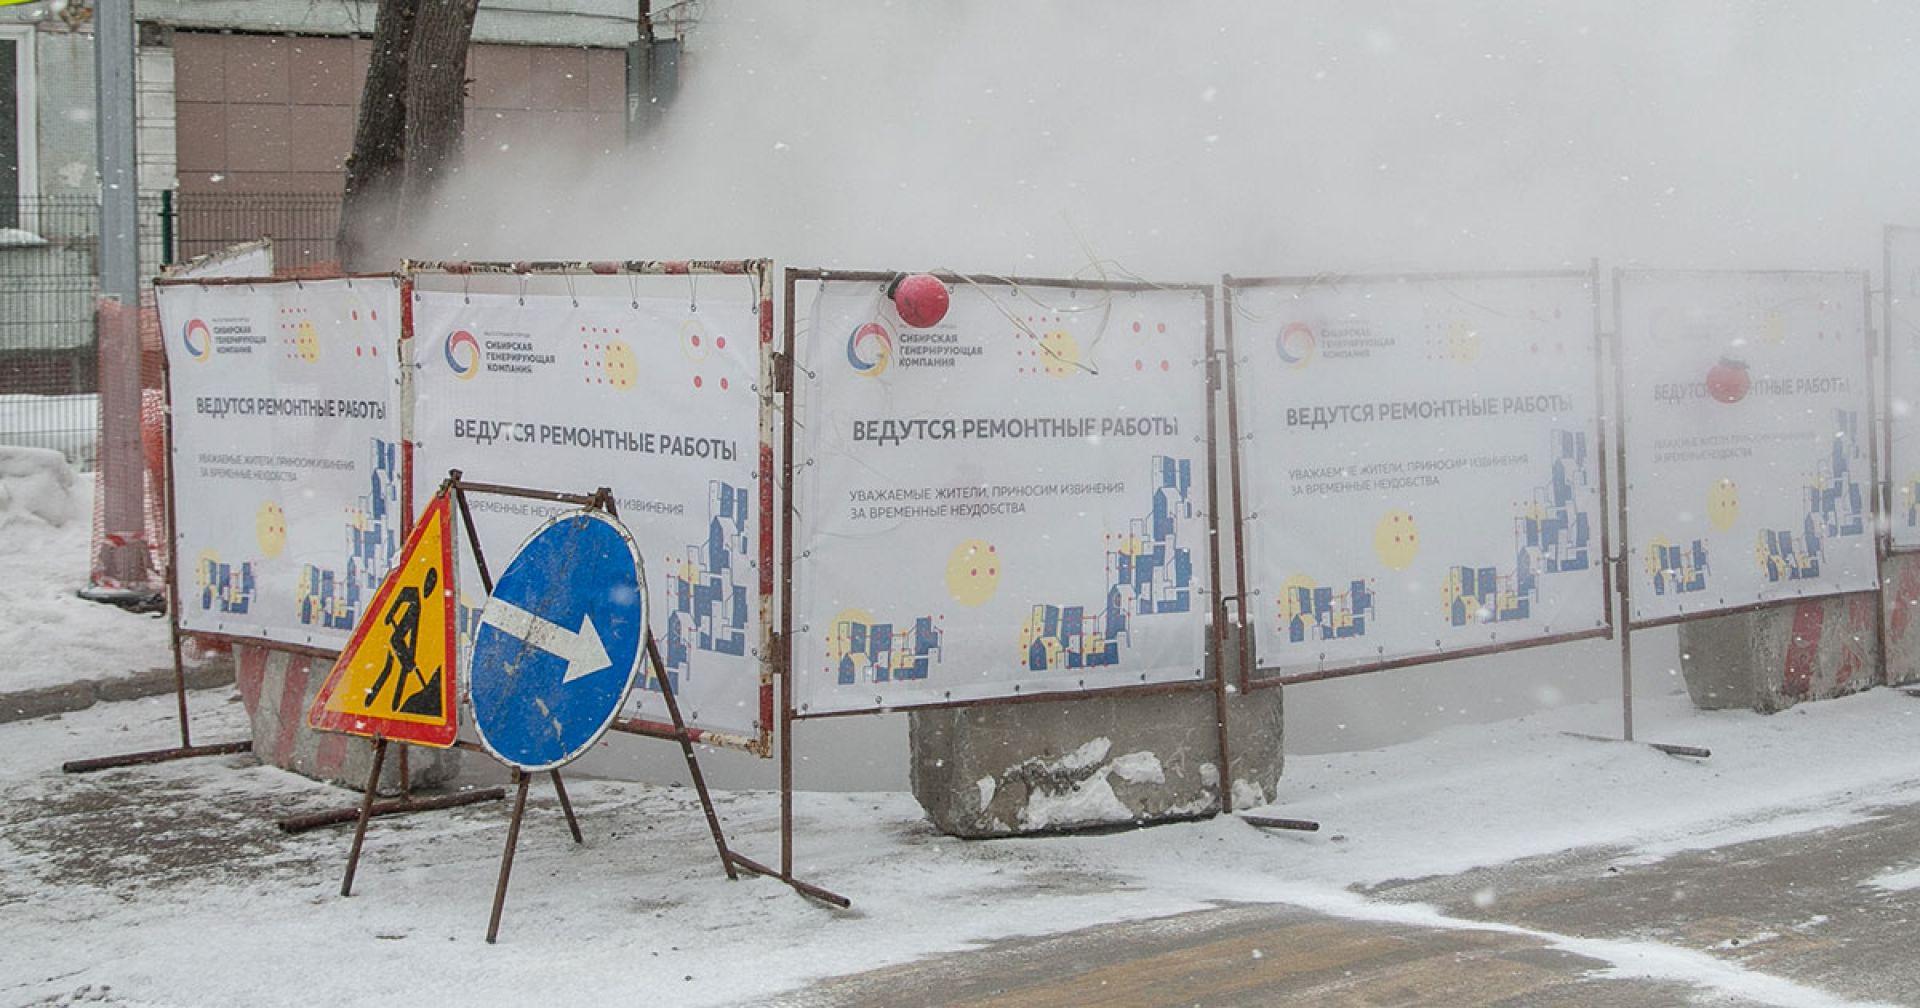 Одну из улиц Ленинского района сузили в Новосибирске